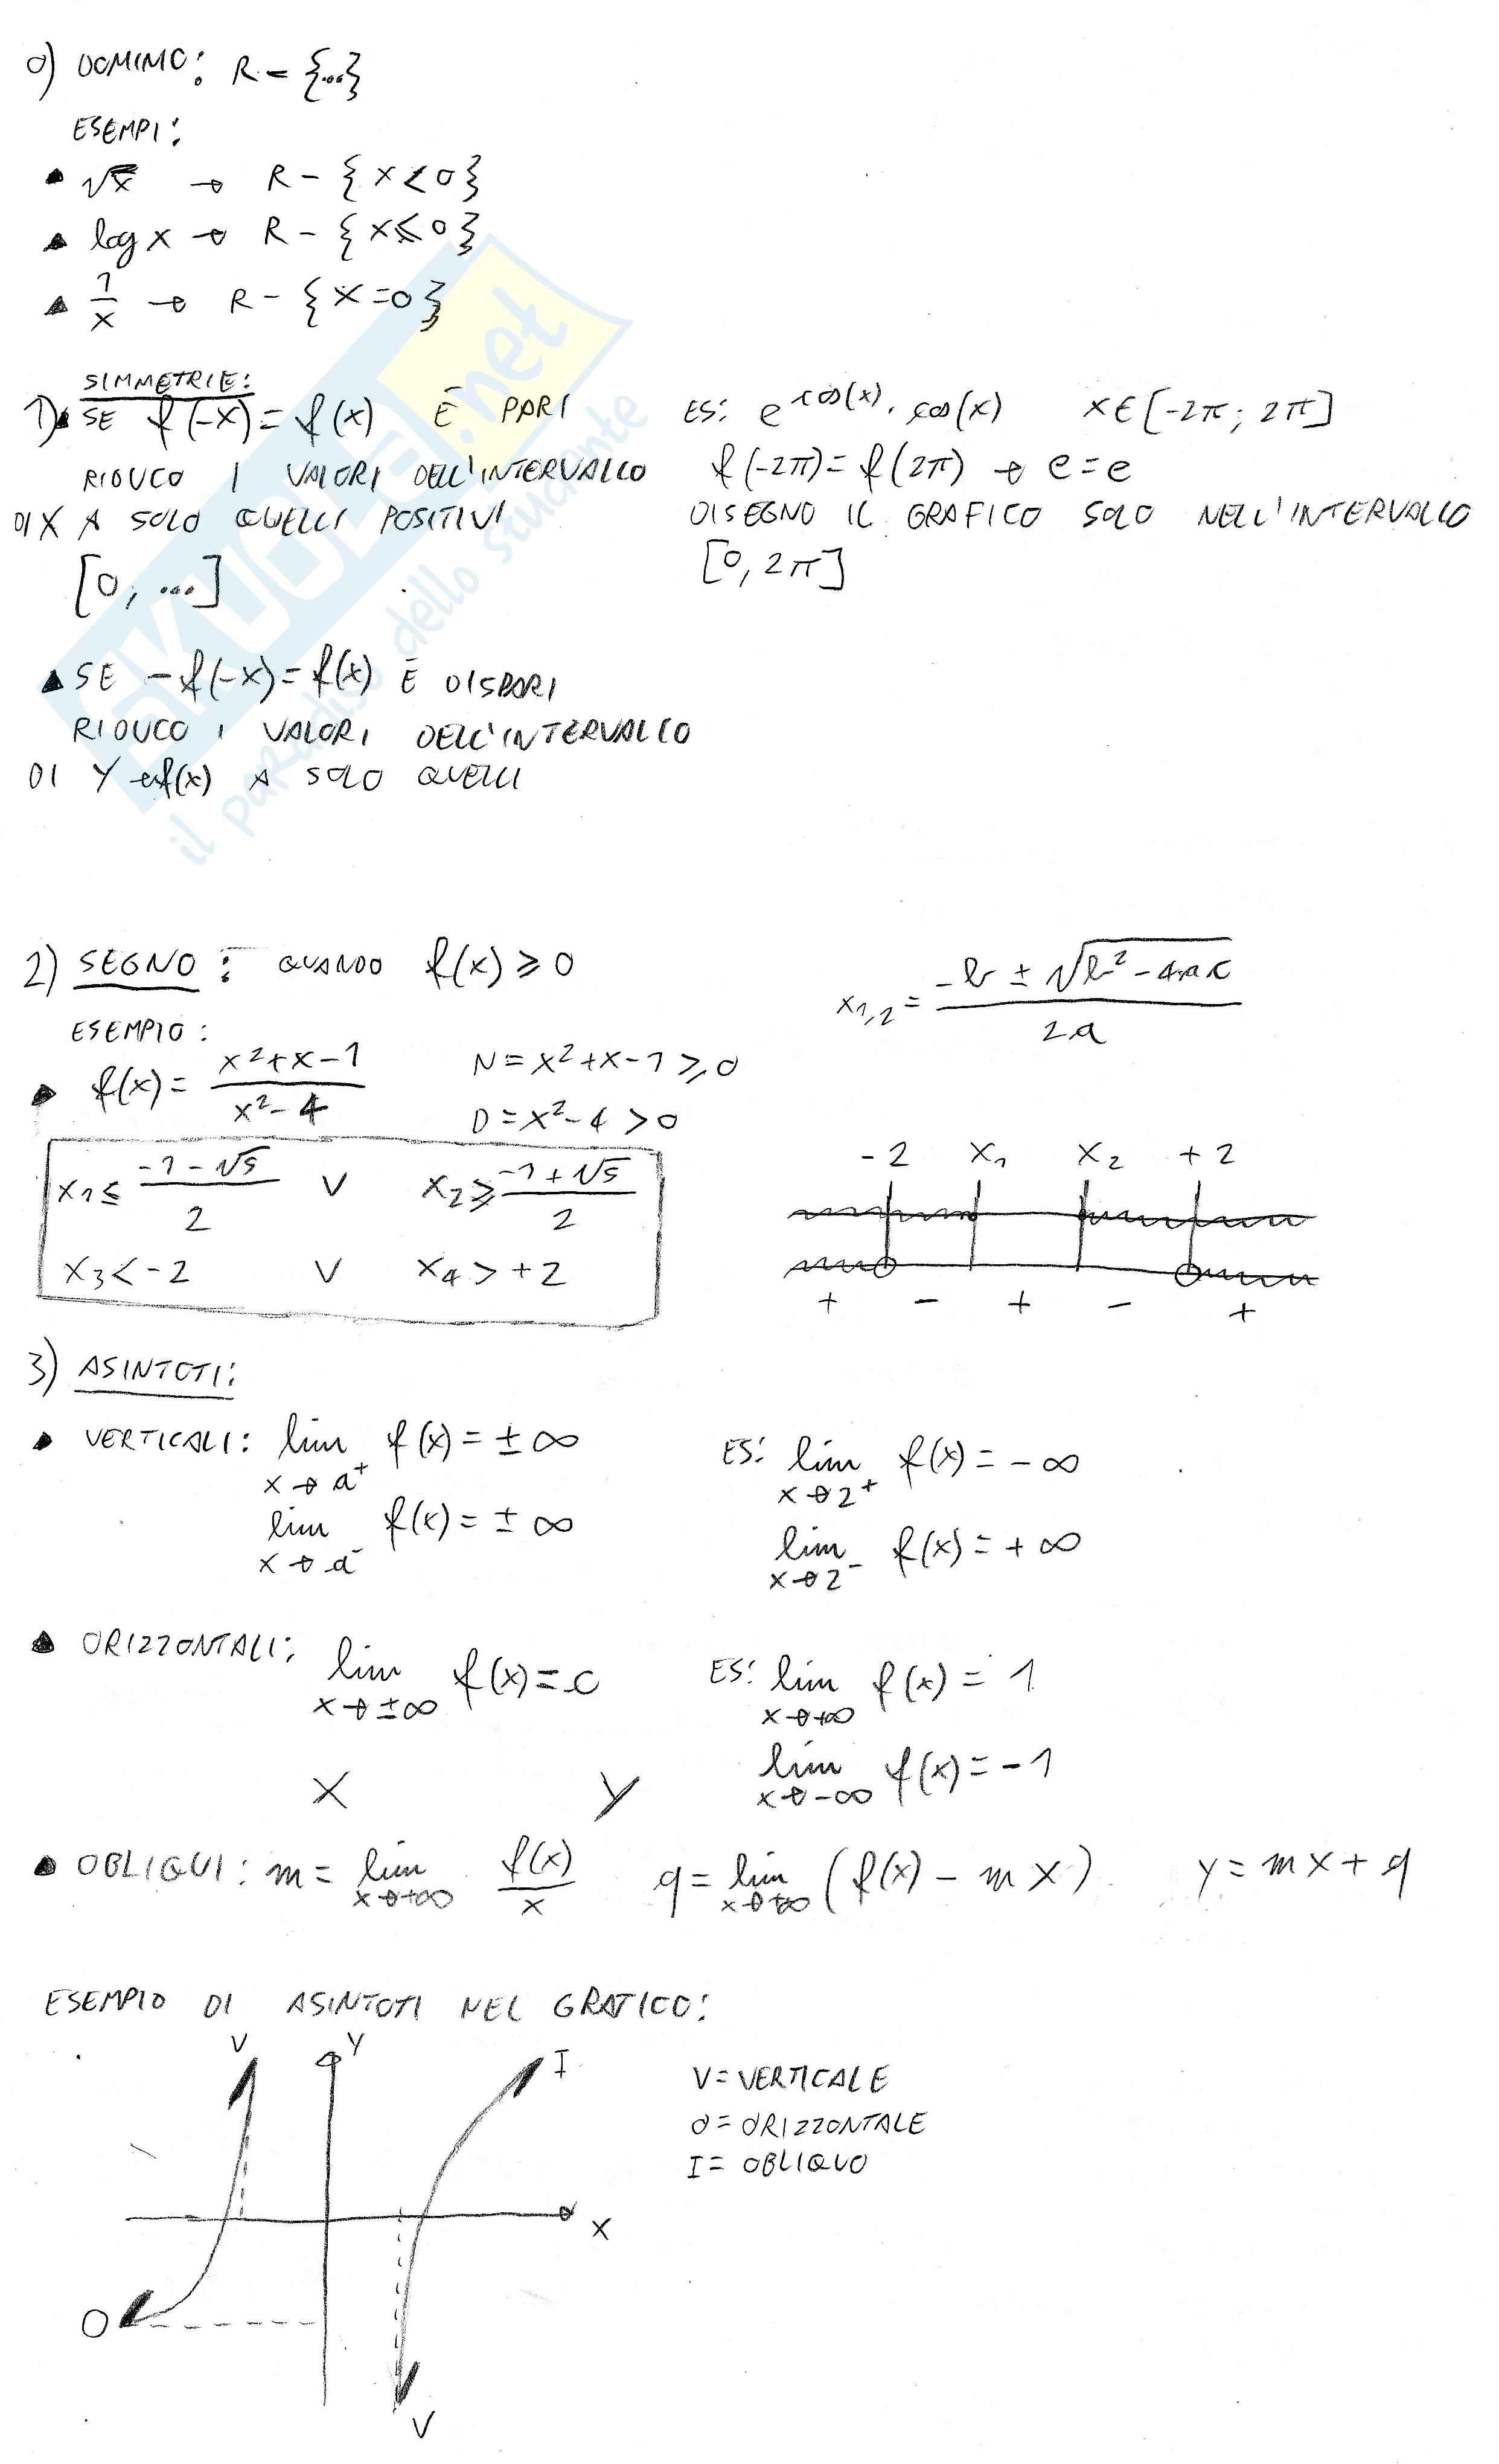 integrali matematica  Studio di funzione, Integrali, Limiti: Appunti di Analisi matematica